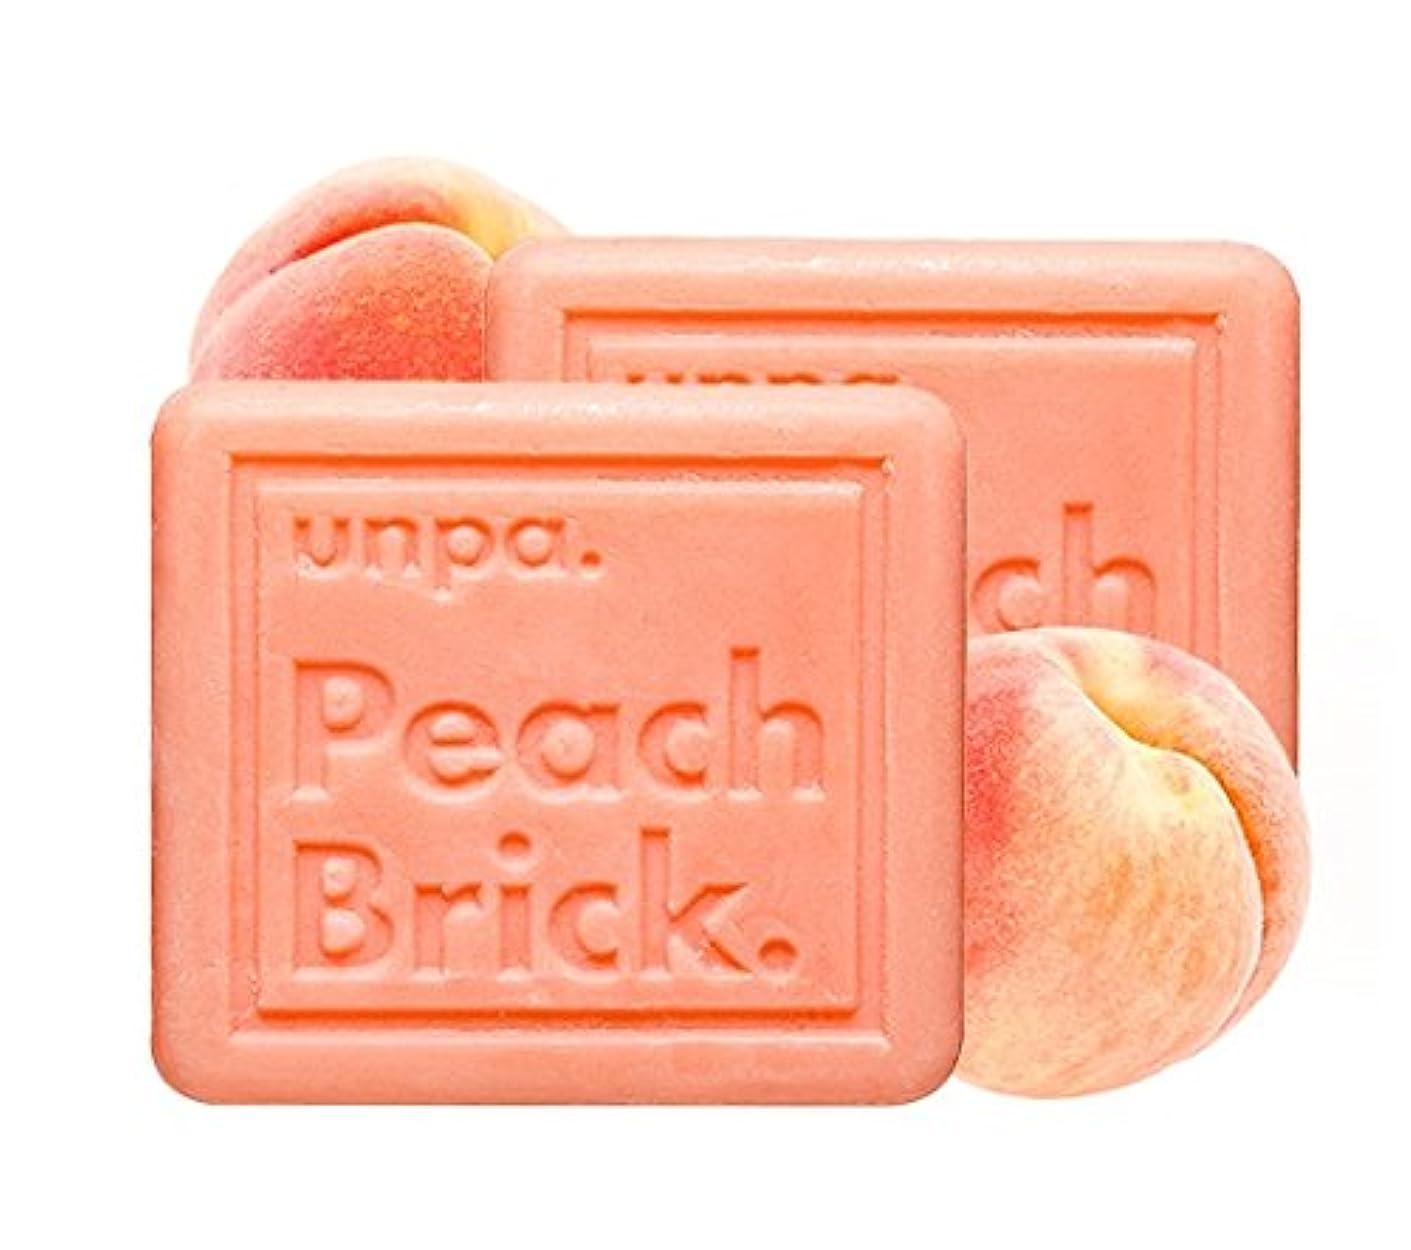 スリッパキャプション予測unpa ピッチ?ブリック?トンアップ?ソープ(Peach Brick Tone-Up Soap)